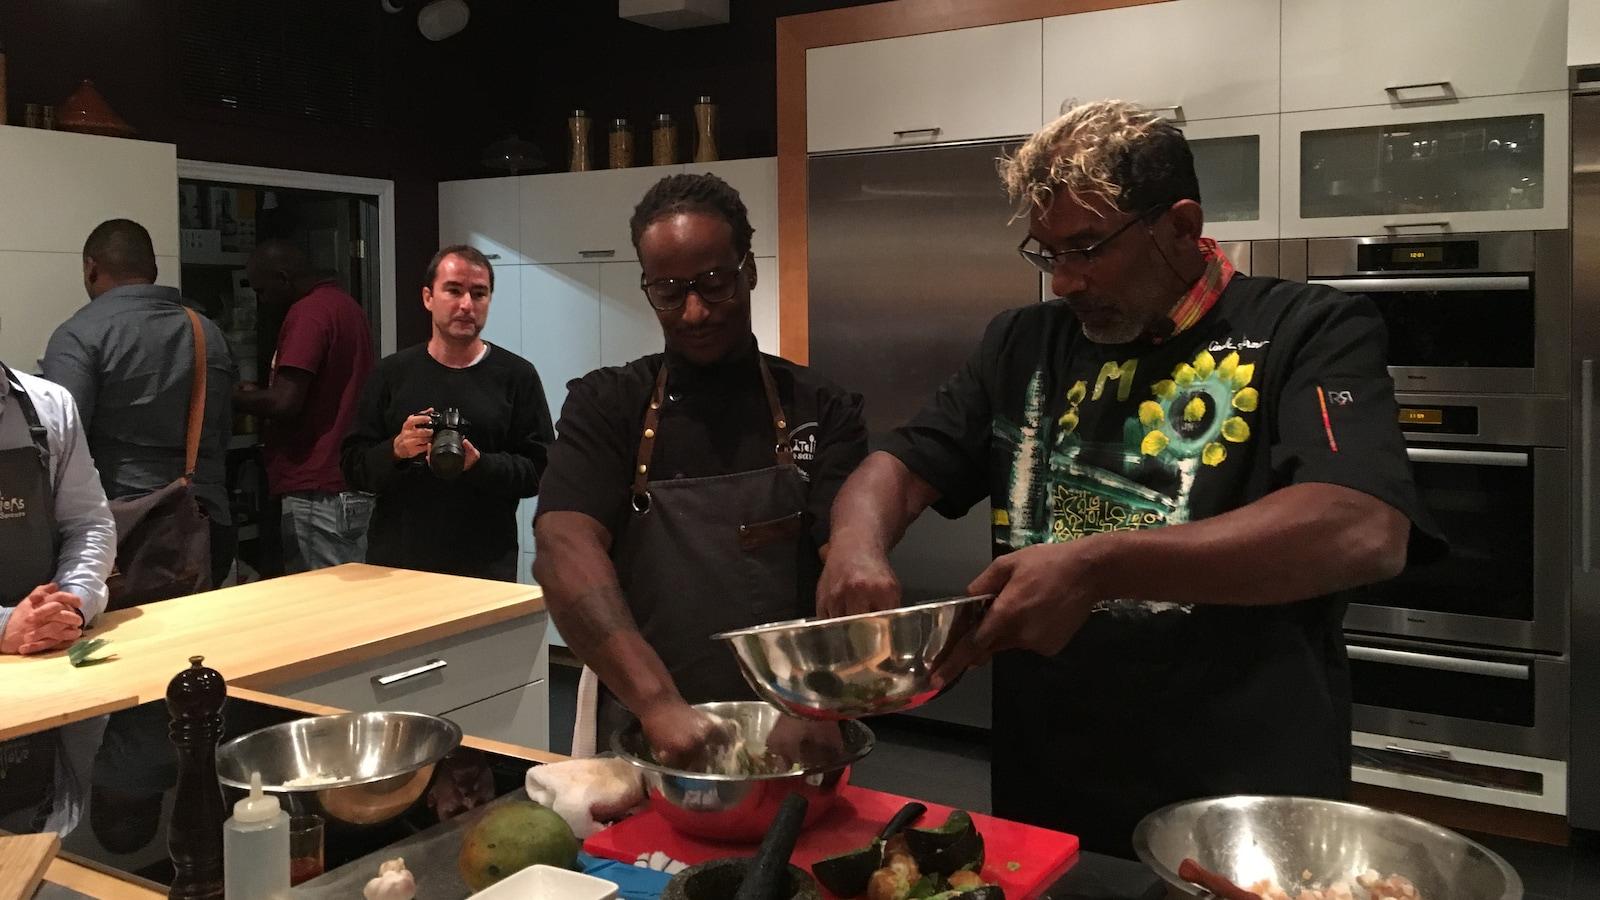 Le chef  martiniquais Guy Ferdinand en cuisine. Il travaille avec un assistant sous le regard des journalistes